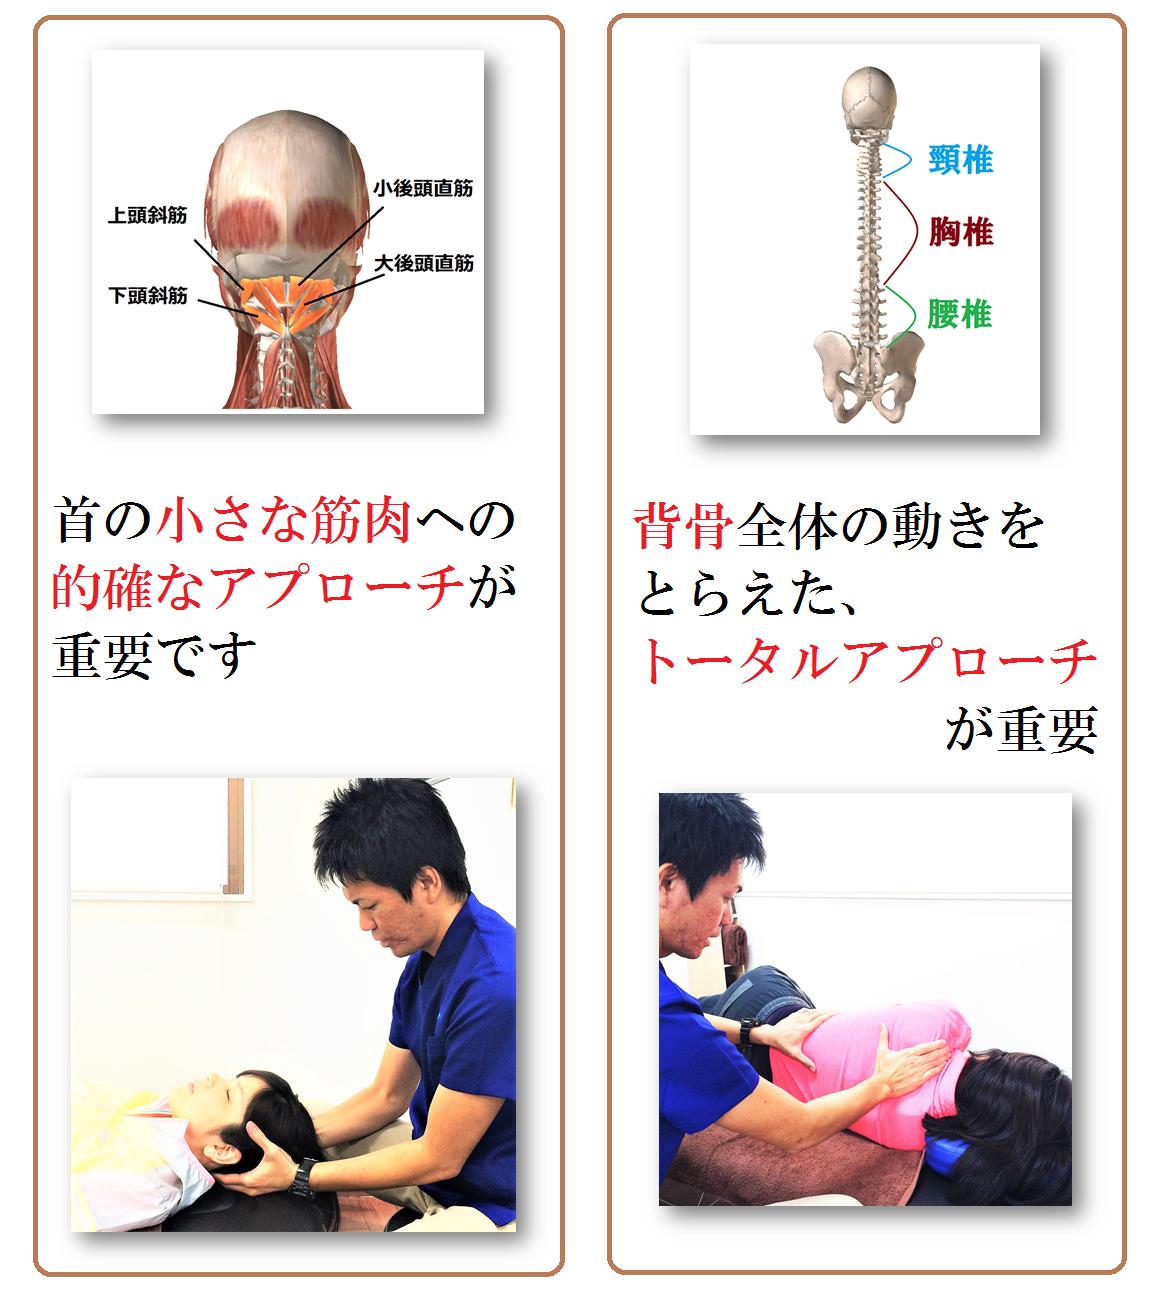 首と背骨 2.png